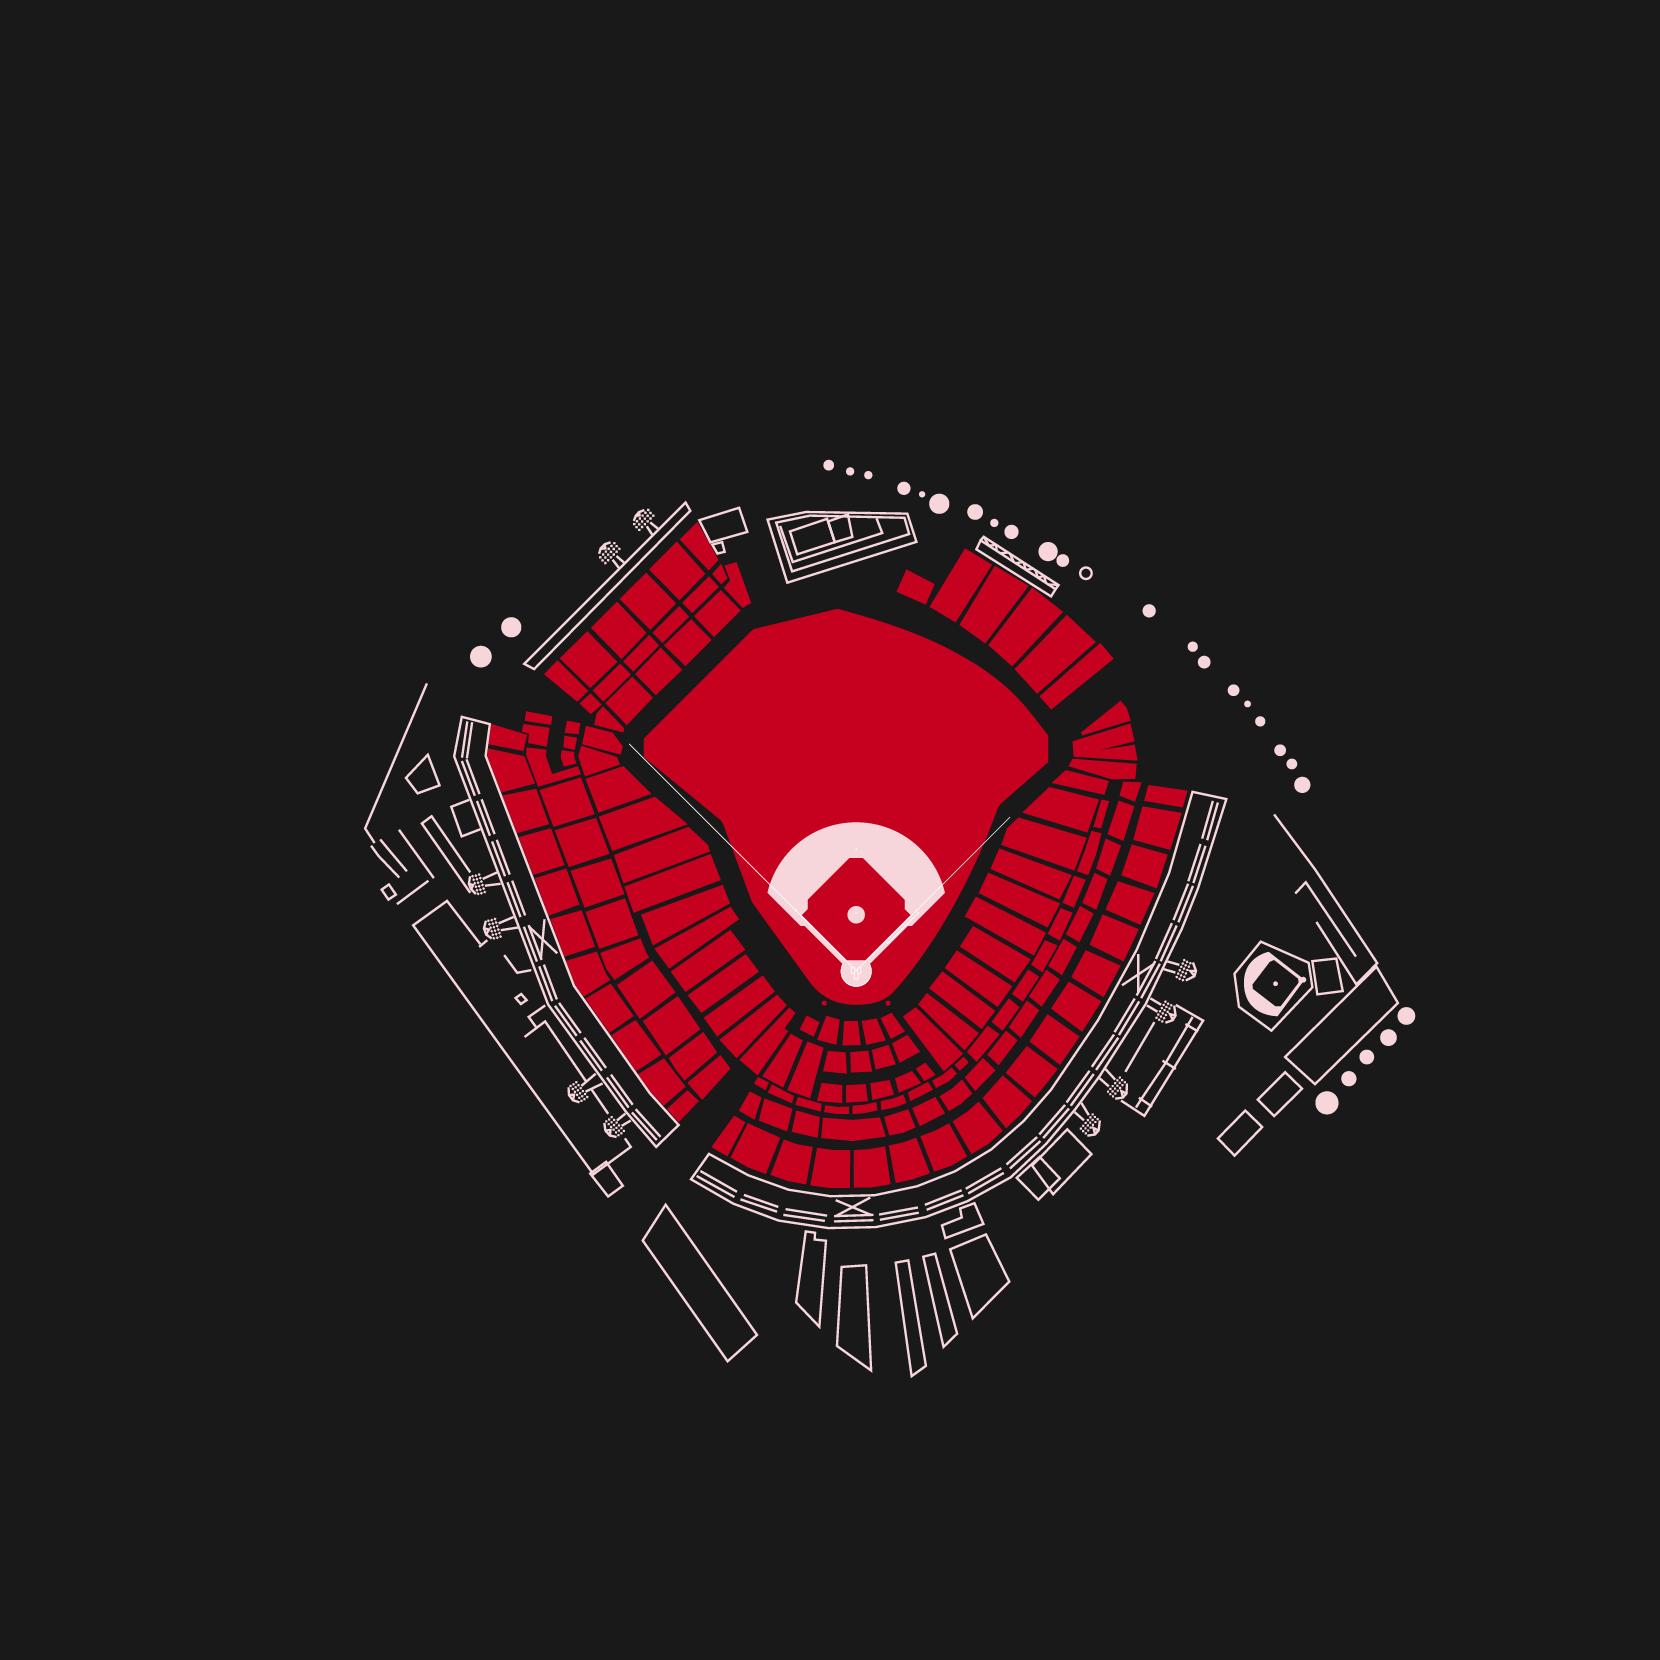 12 Great American Ball Park Cincinnati Reds.png